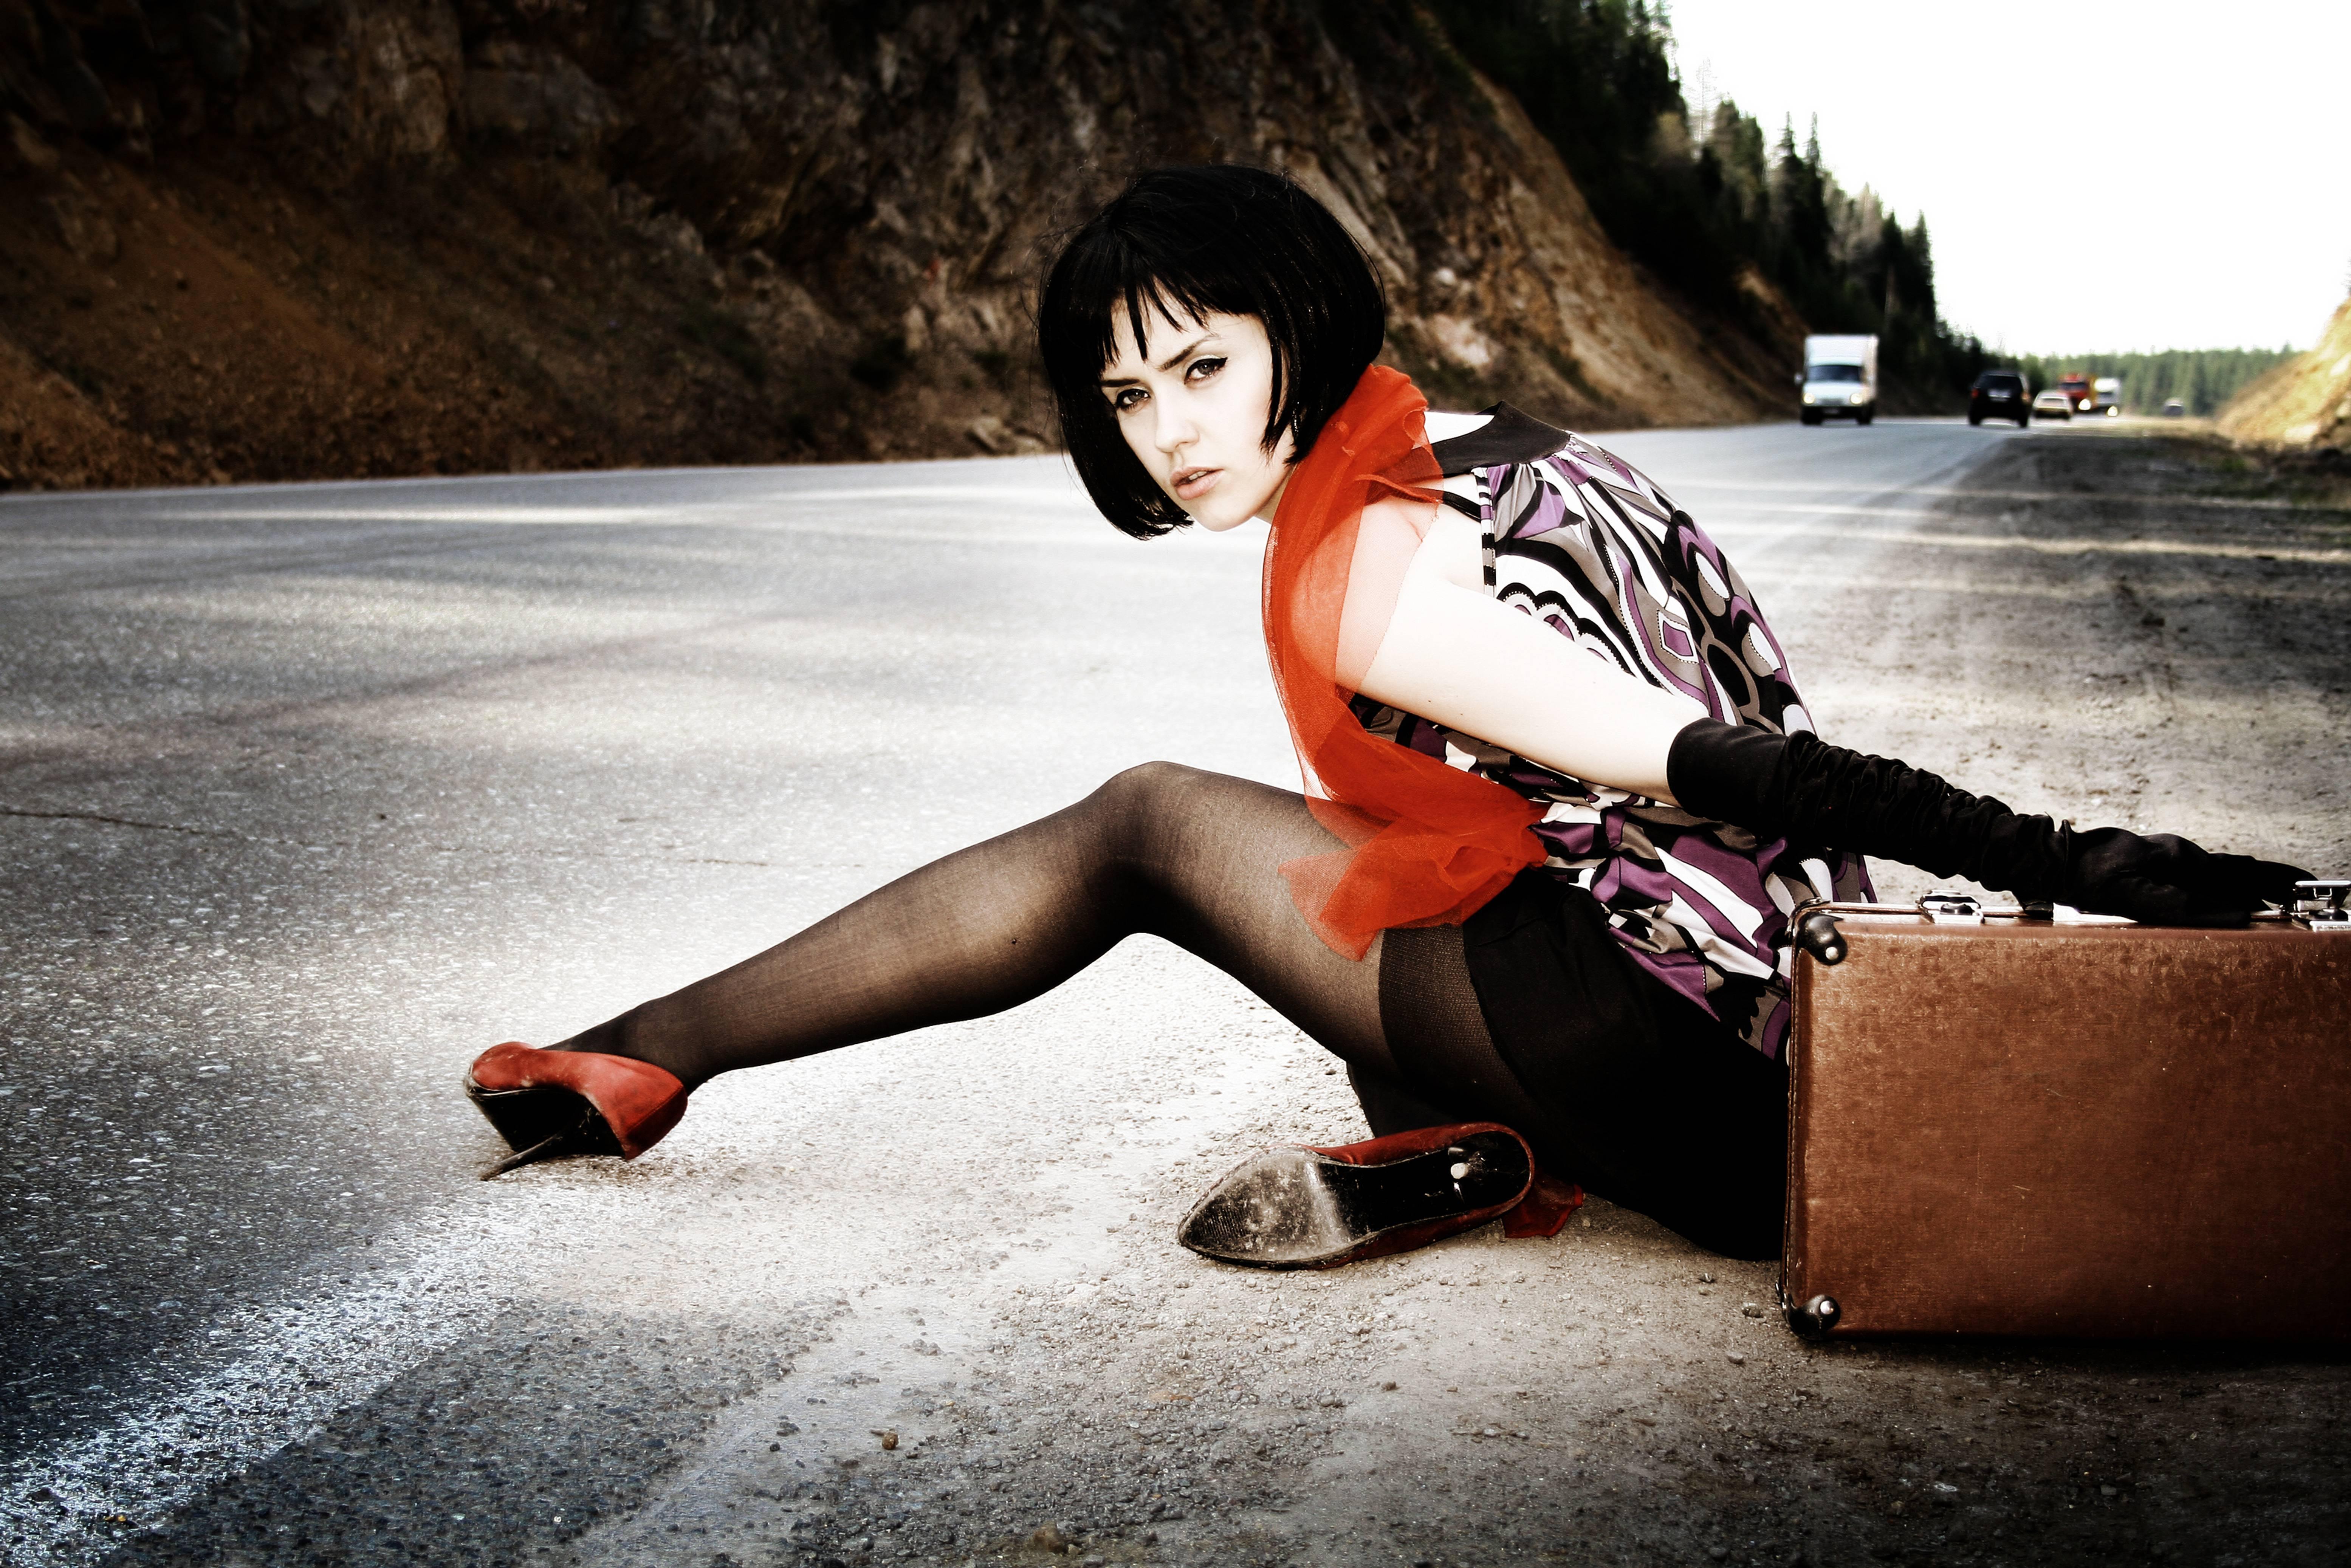 обои девушка, красотка, дорога, автостоп картинки фото